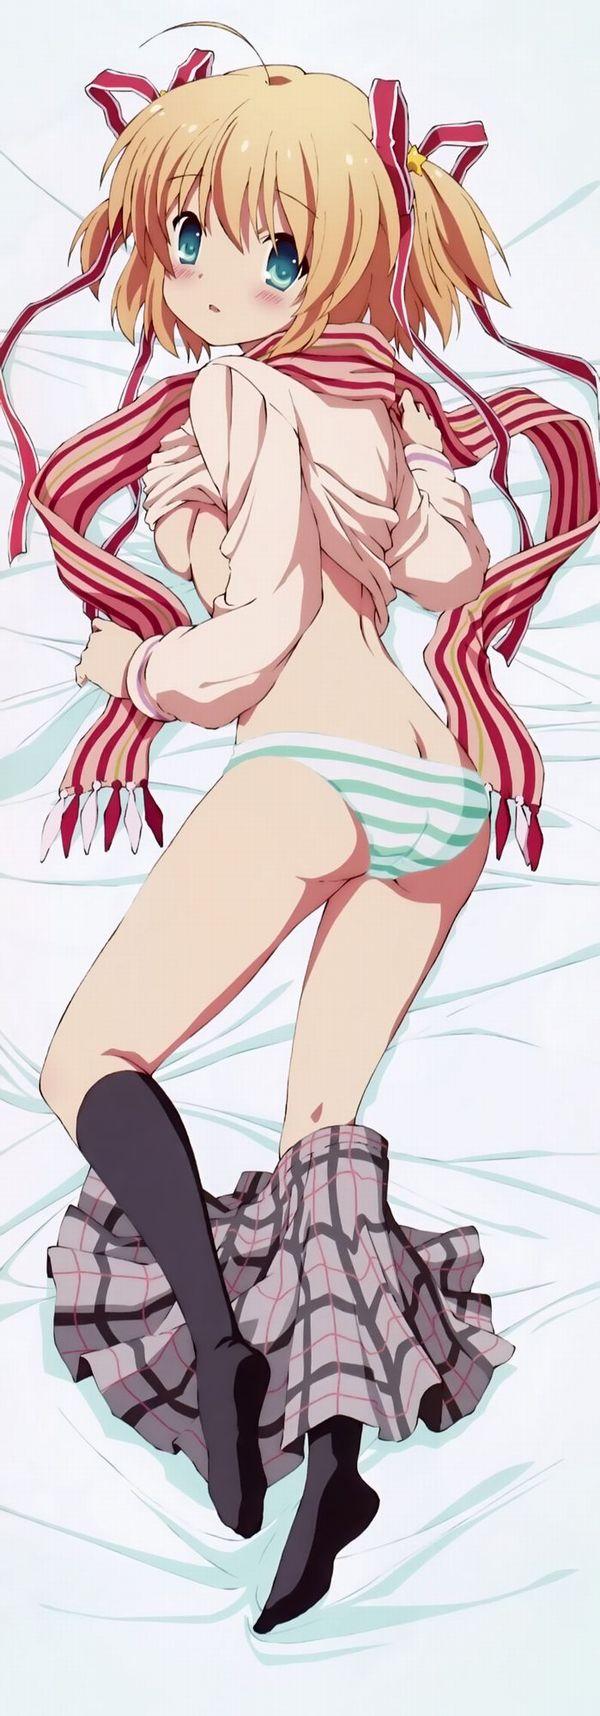 【寝尻】寝ている女子の尻に顔を埋めたい方向けの二次エロ画像 【36】